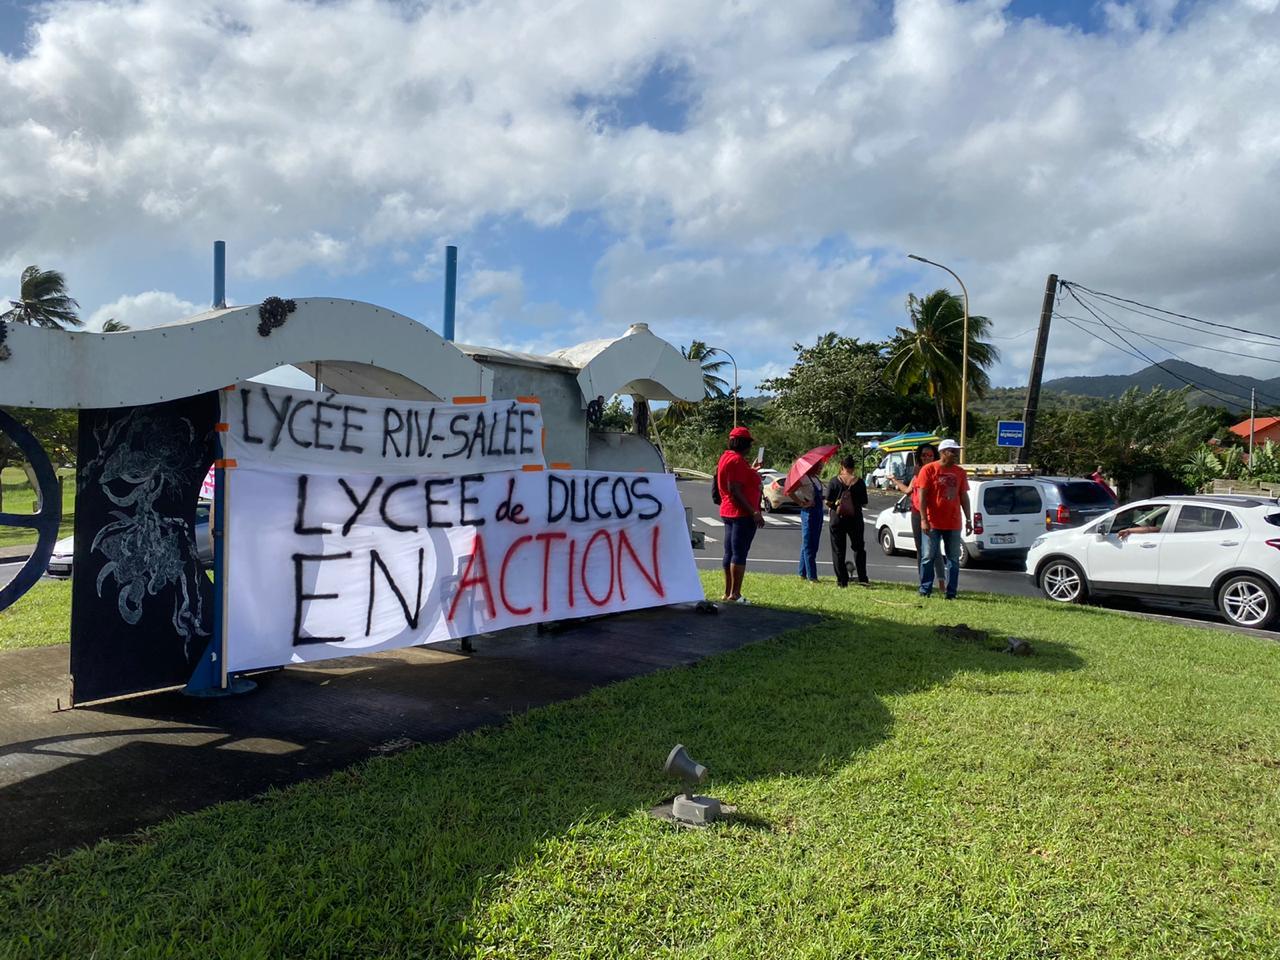 Les lycées de Ducos et Rivière-Salée manifestent contre la réforme des retraites